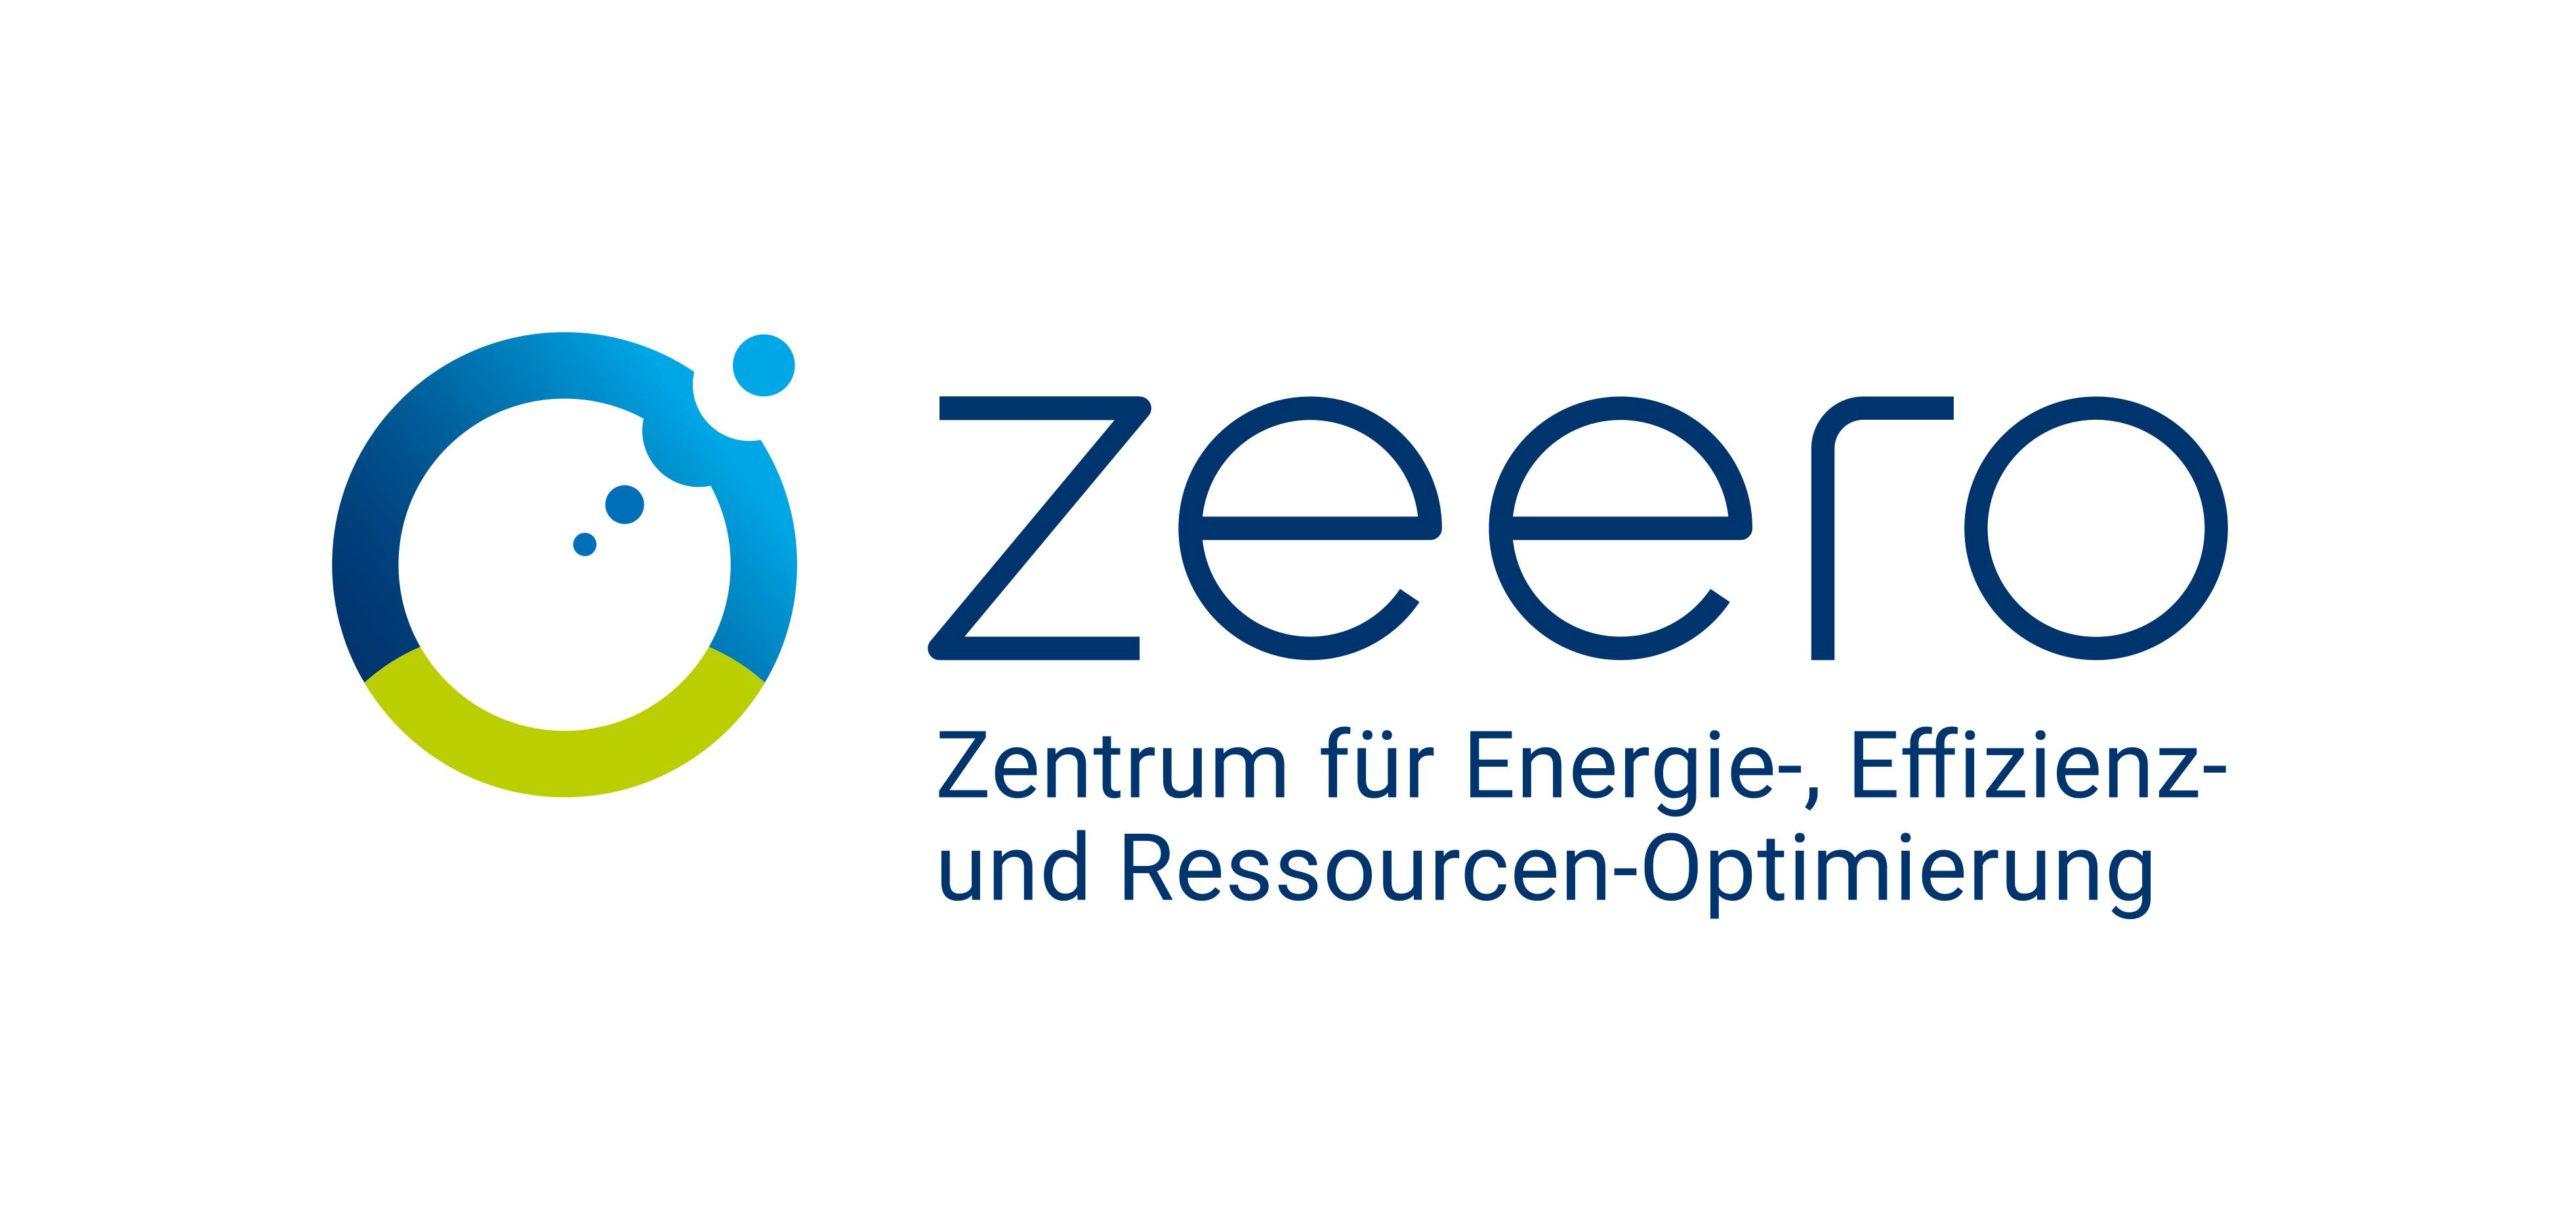 zeero - Zentrum für Energie-, Effizienz- und Ressourcen-Optimierung